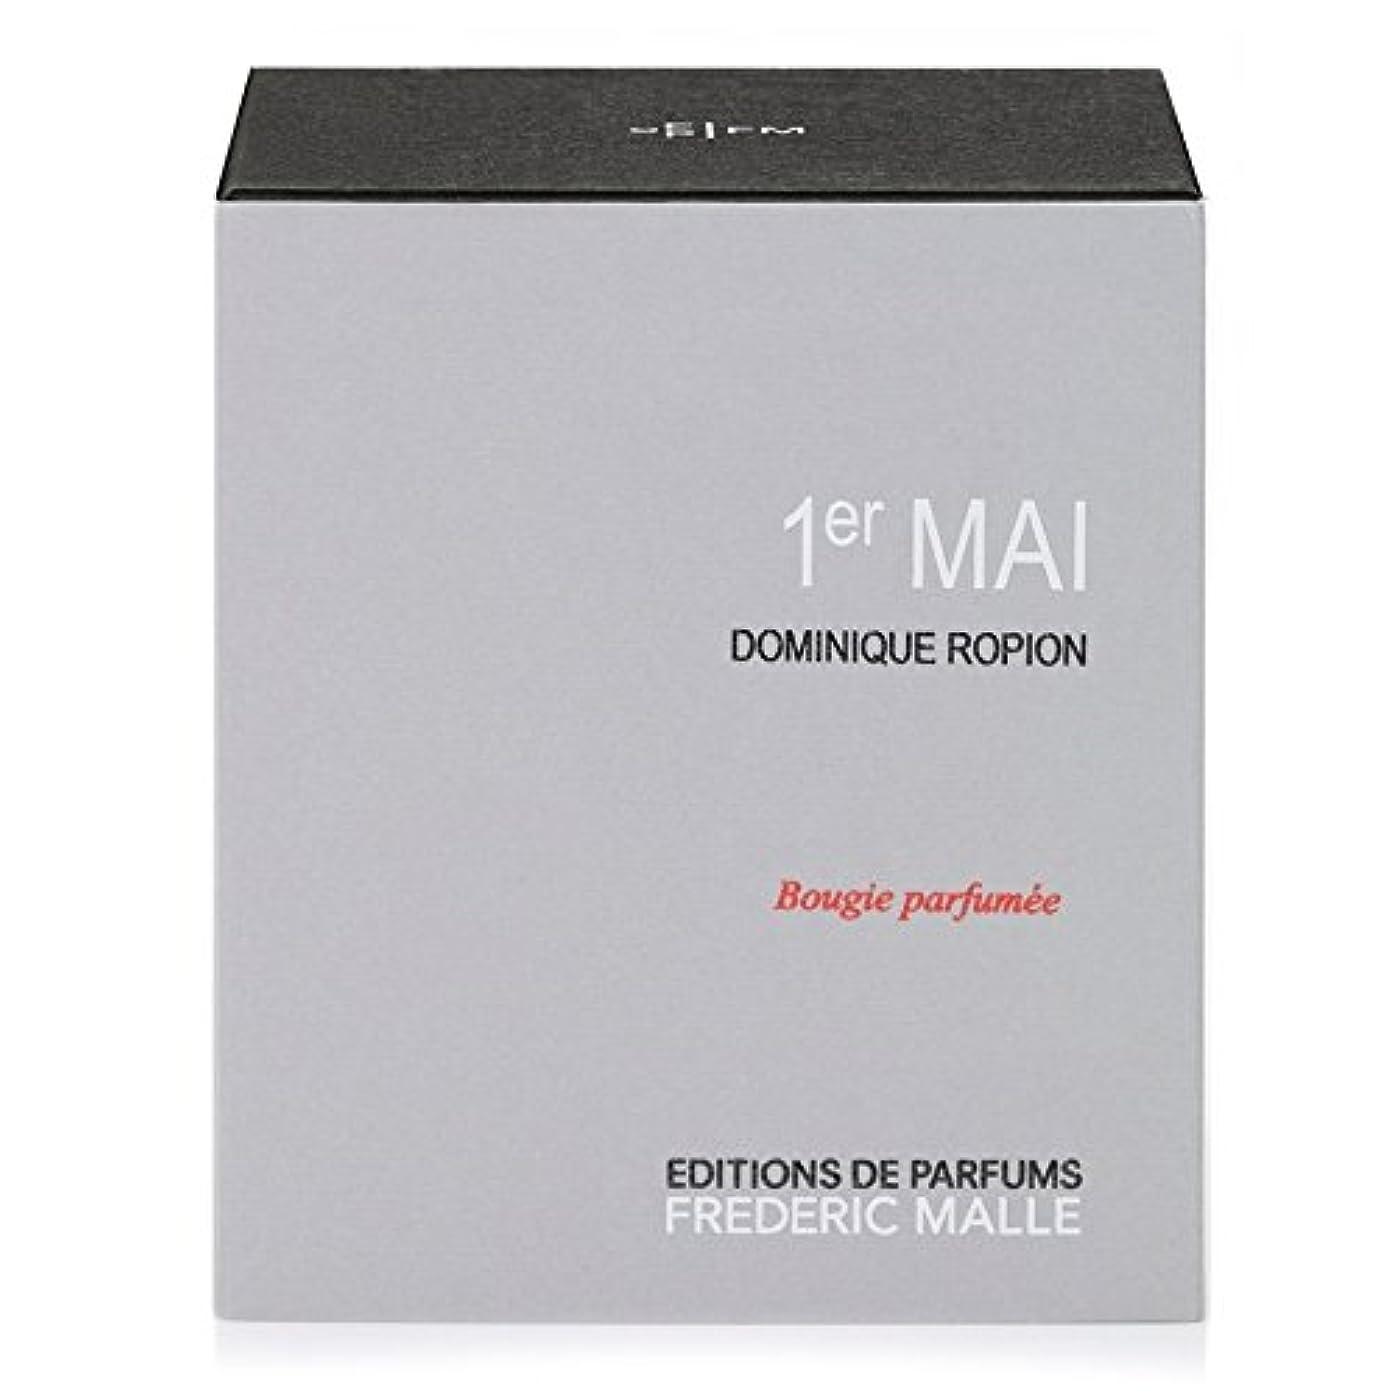 講義誕生日グローバルFrederic Malle 1er Mai Scented Candle 220g (Pack of 4) - フレデリック?マルプルミエ舞香りのキャンドル220グラム x4 [並行輸入品]